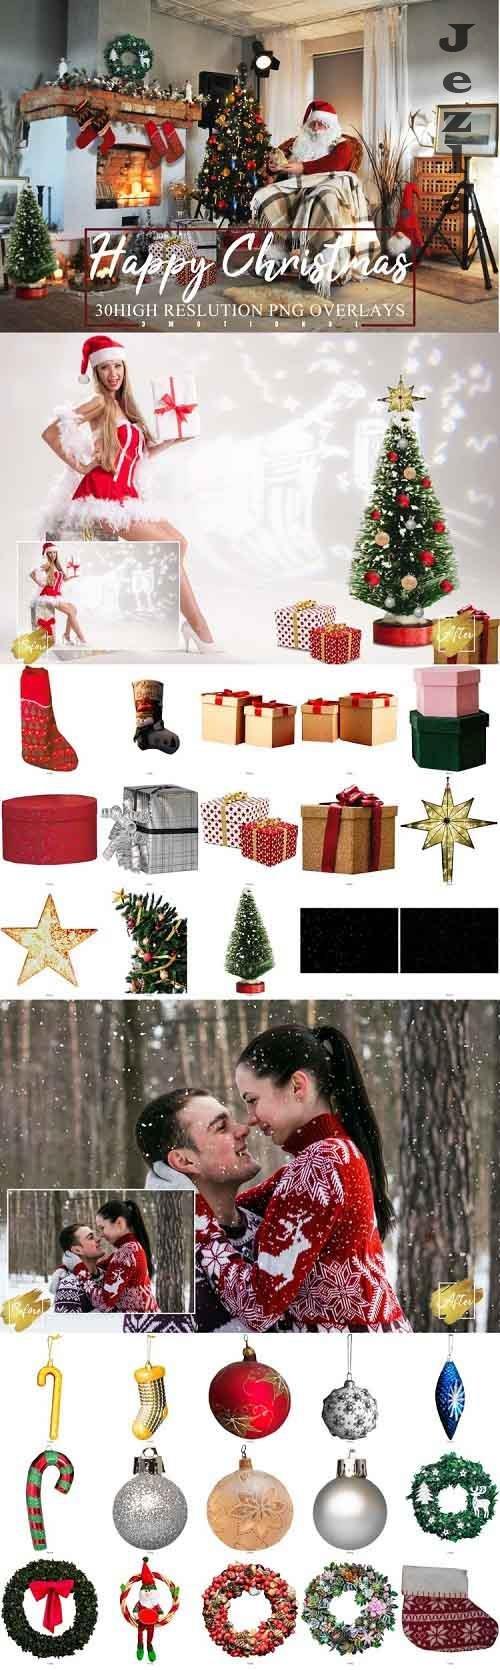 30 Happy Christmas Photoshop Overlays, new year holidays - 985528